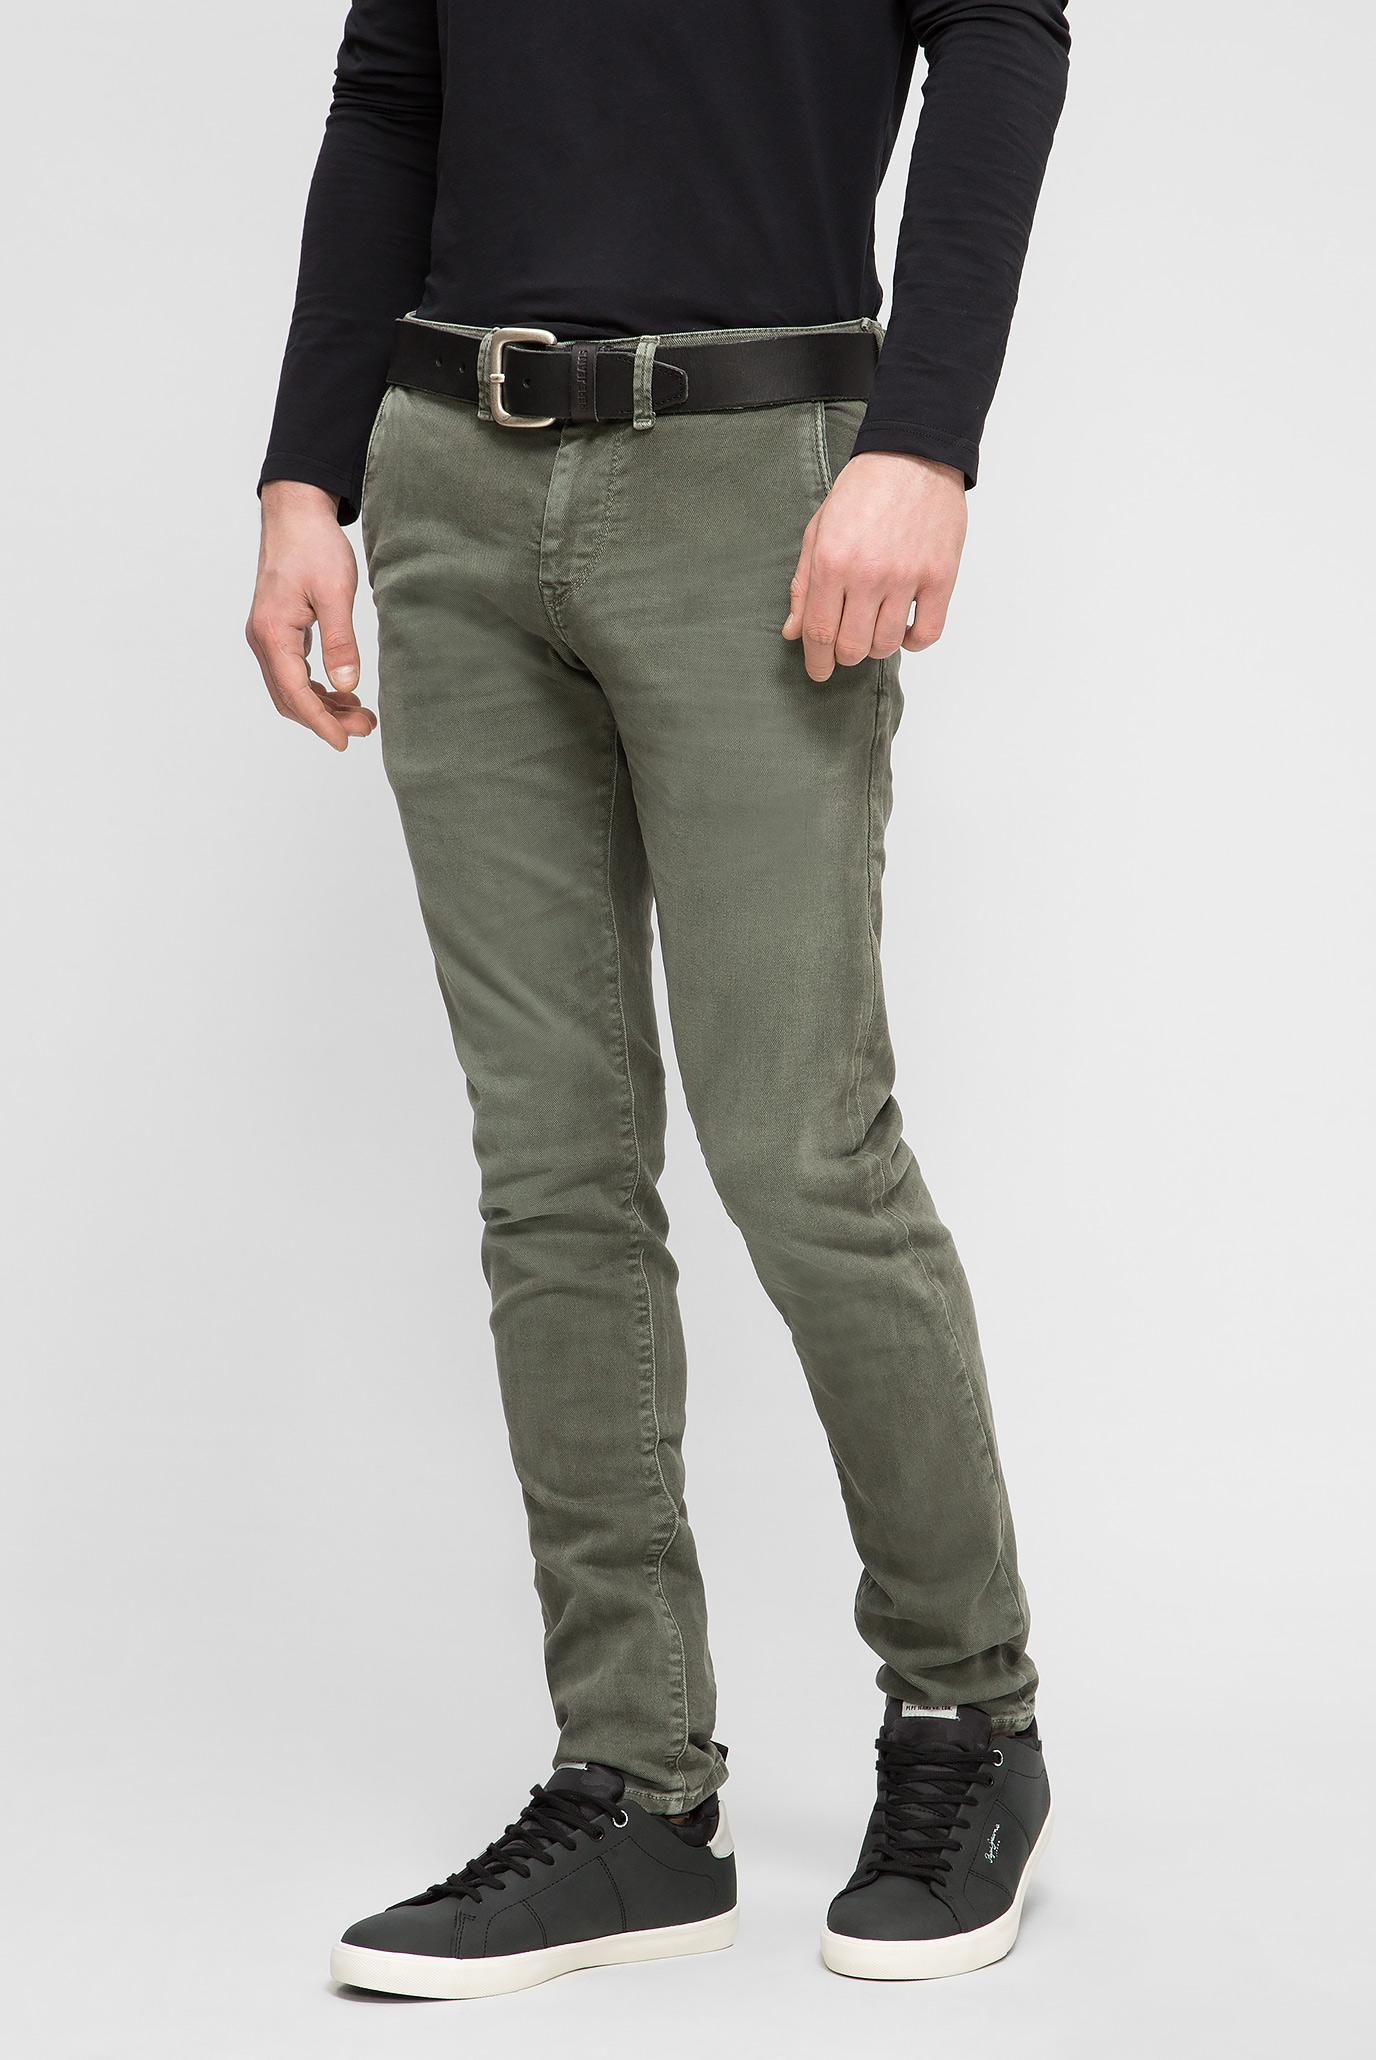 моменты карьеры зеленые джинсы мужские картинки их, нарежьте